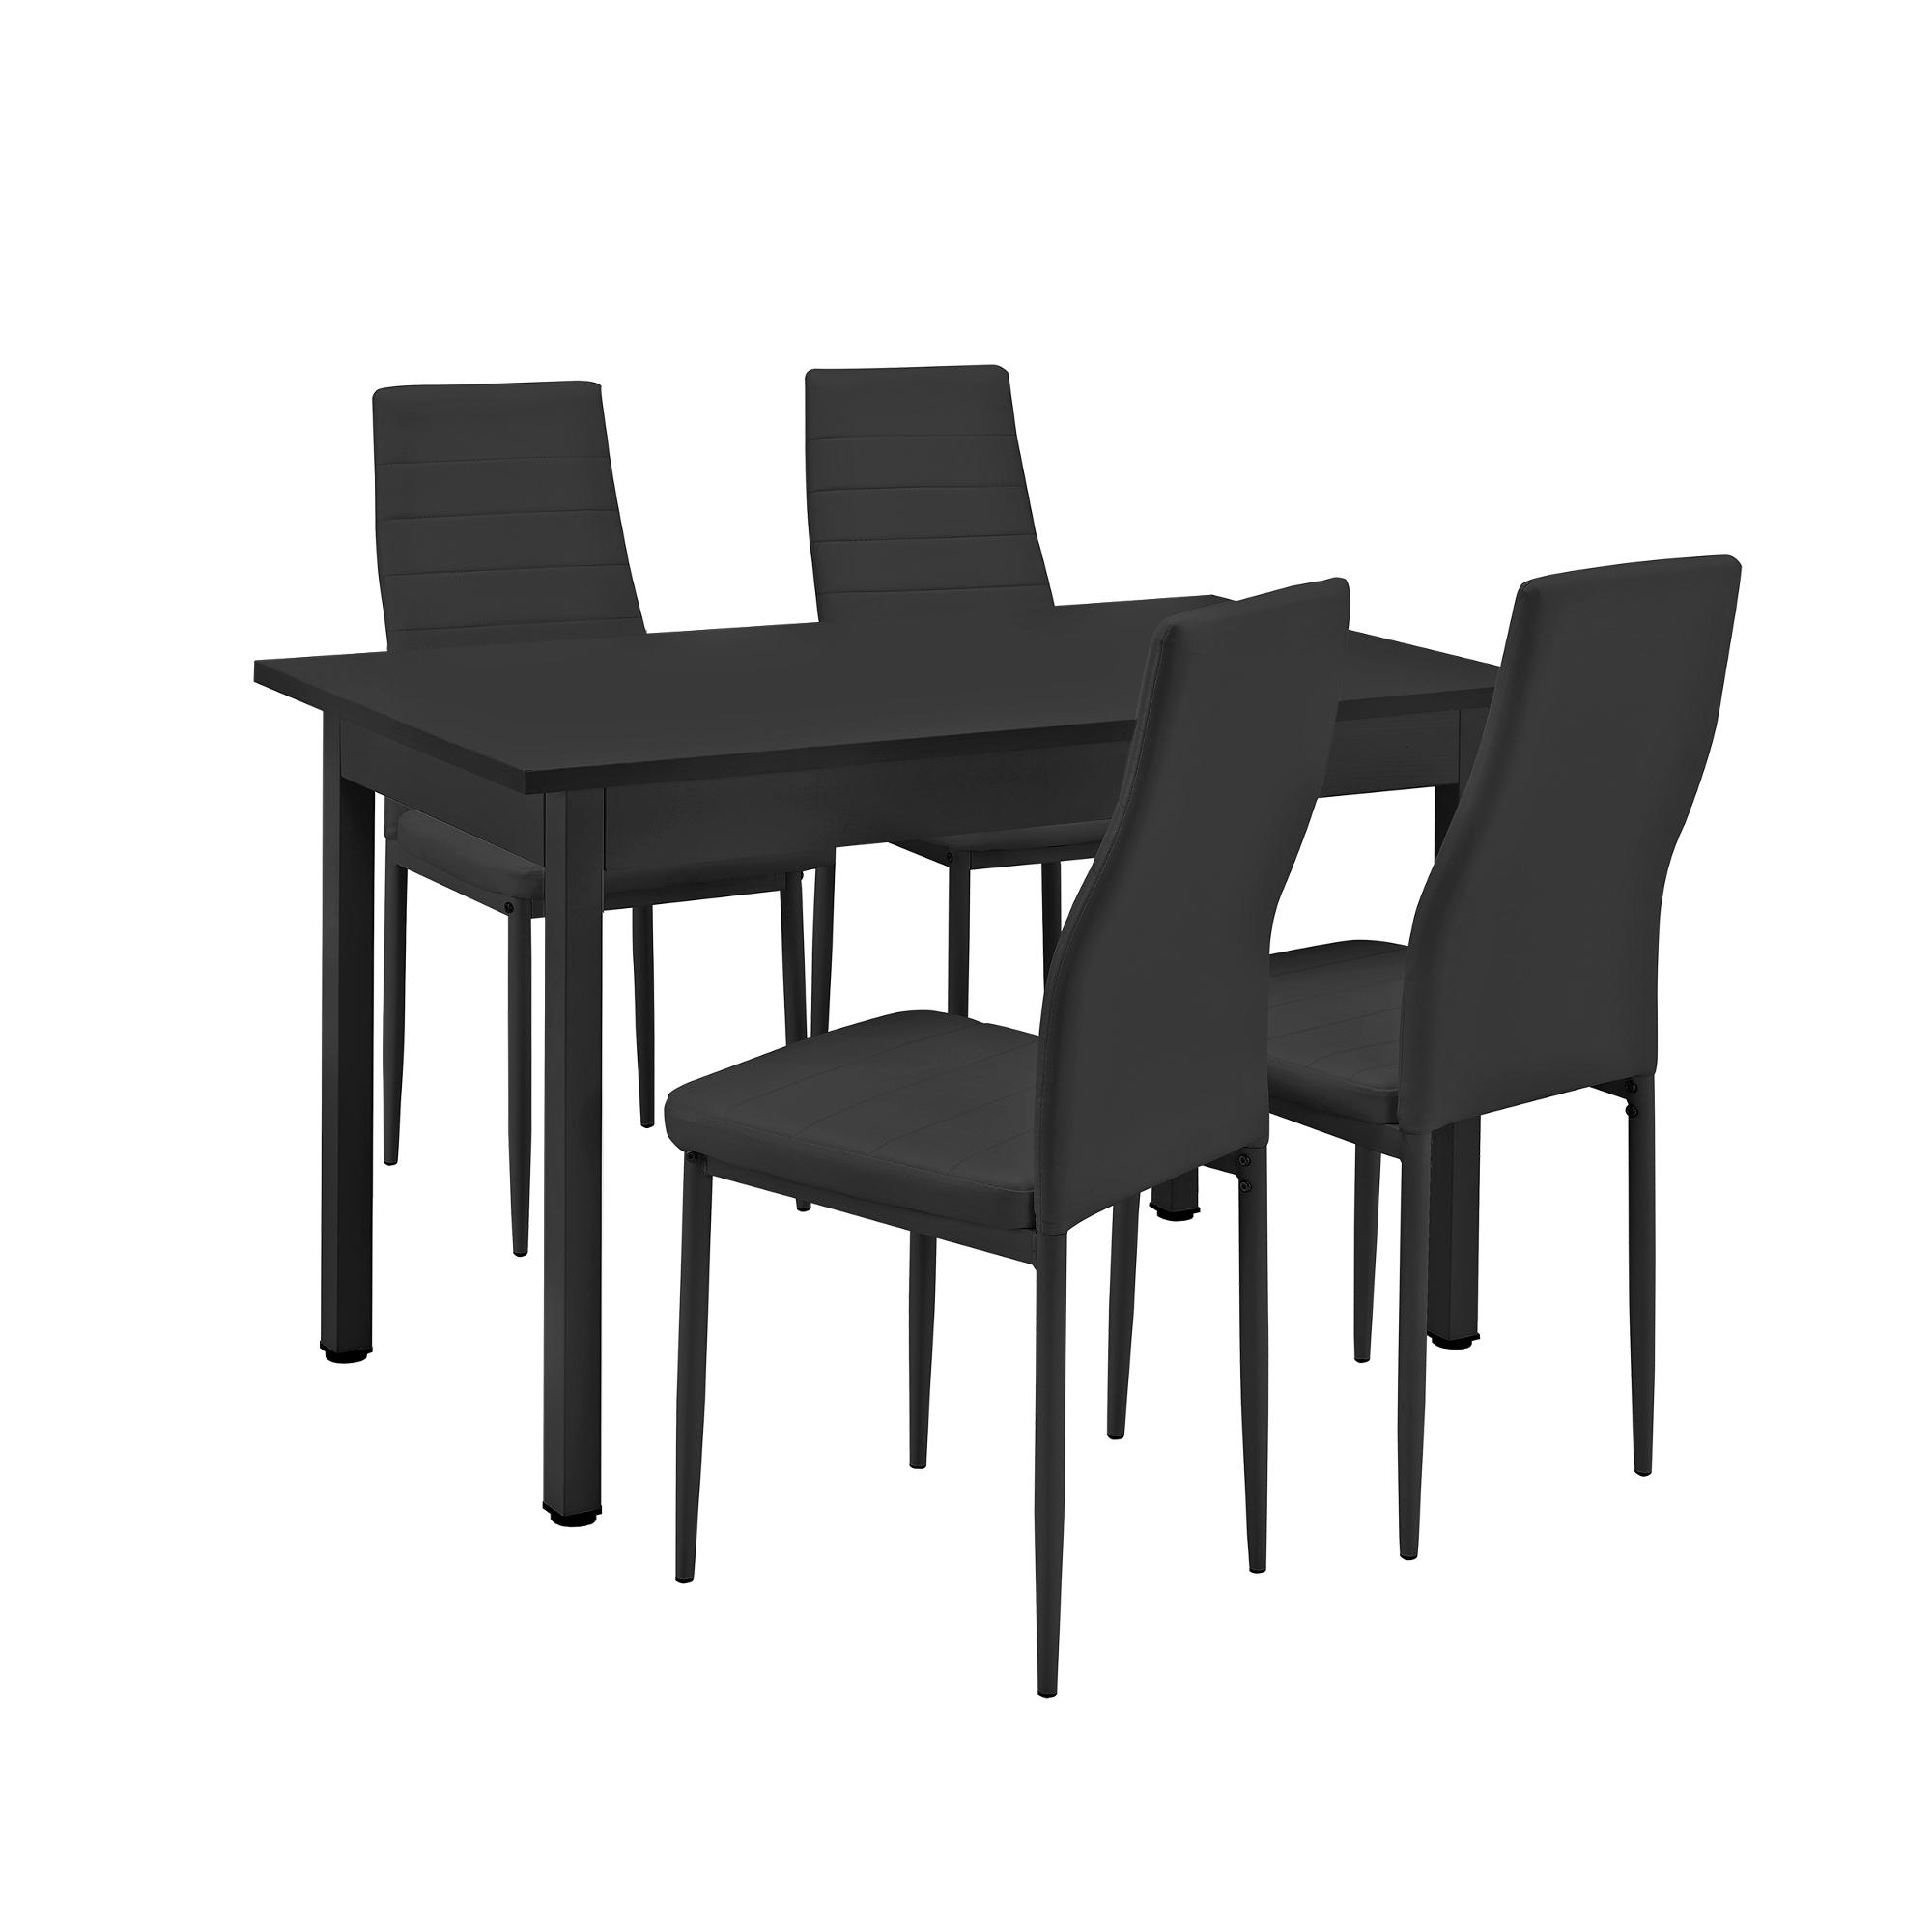 [ensa] Esstisch Mit 4 Stühlen Schwarz 120x60cm